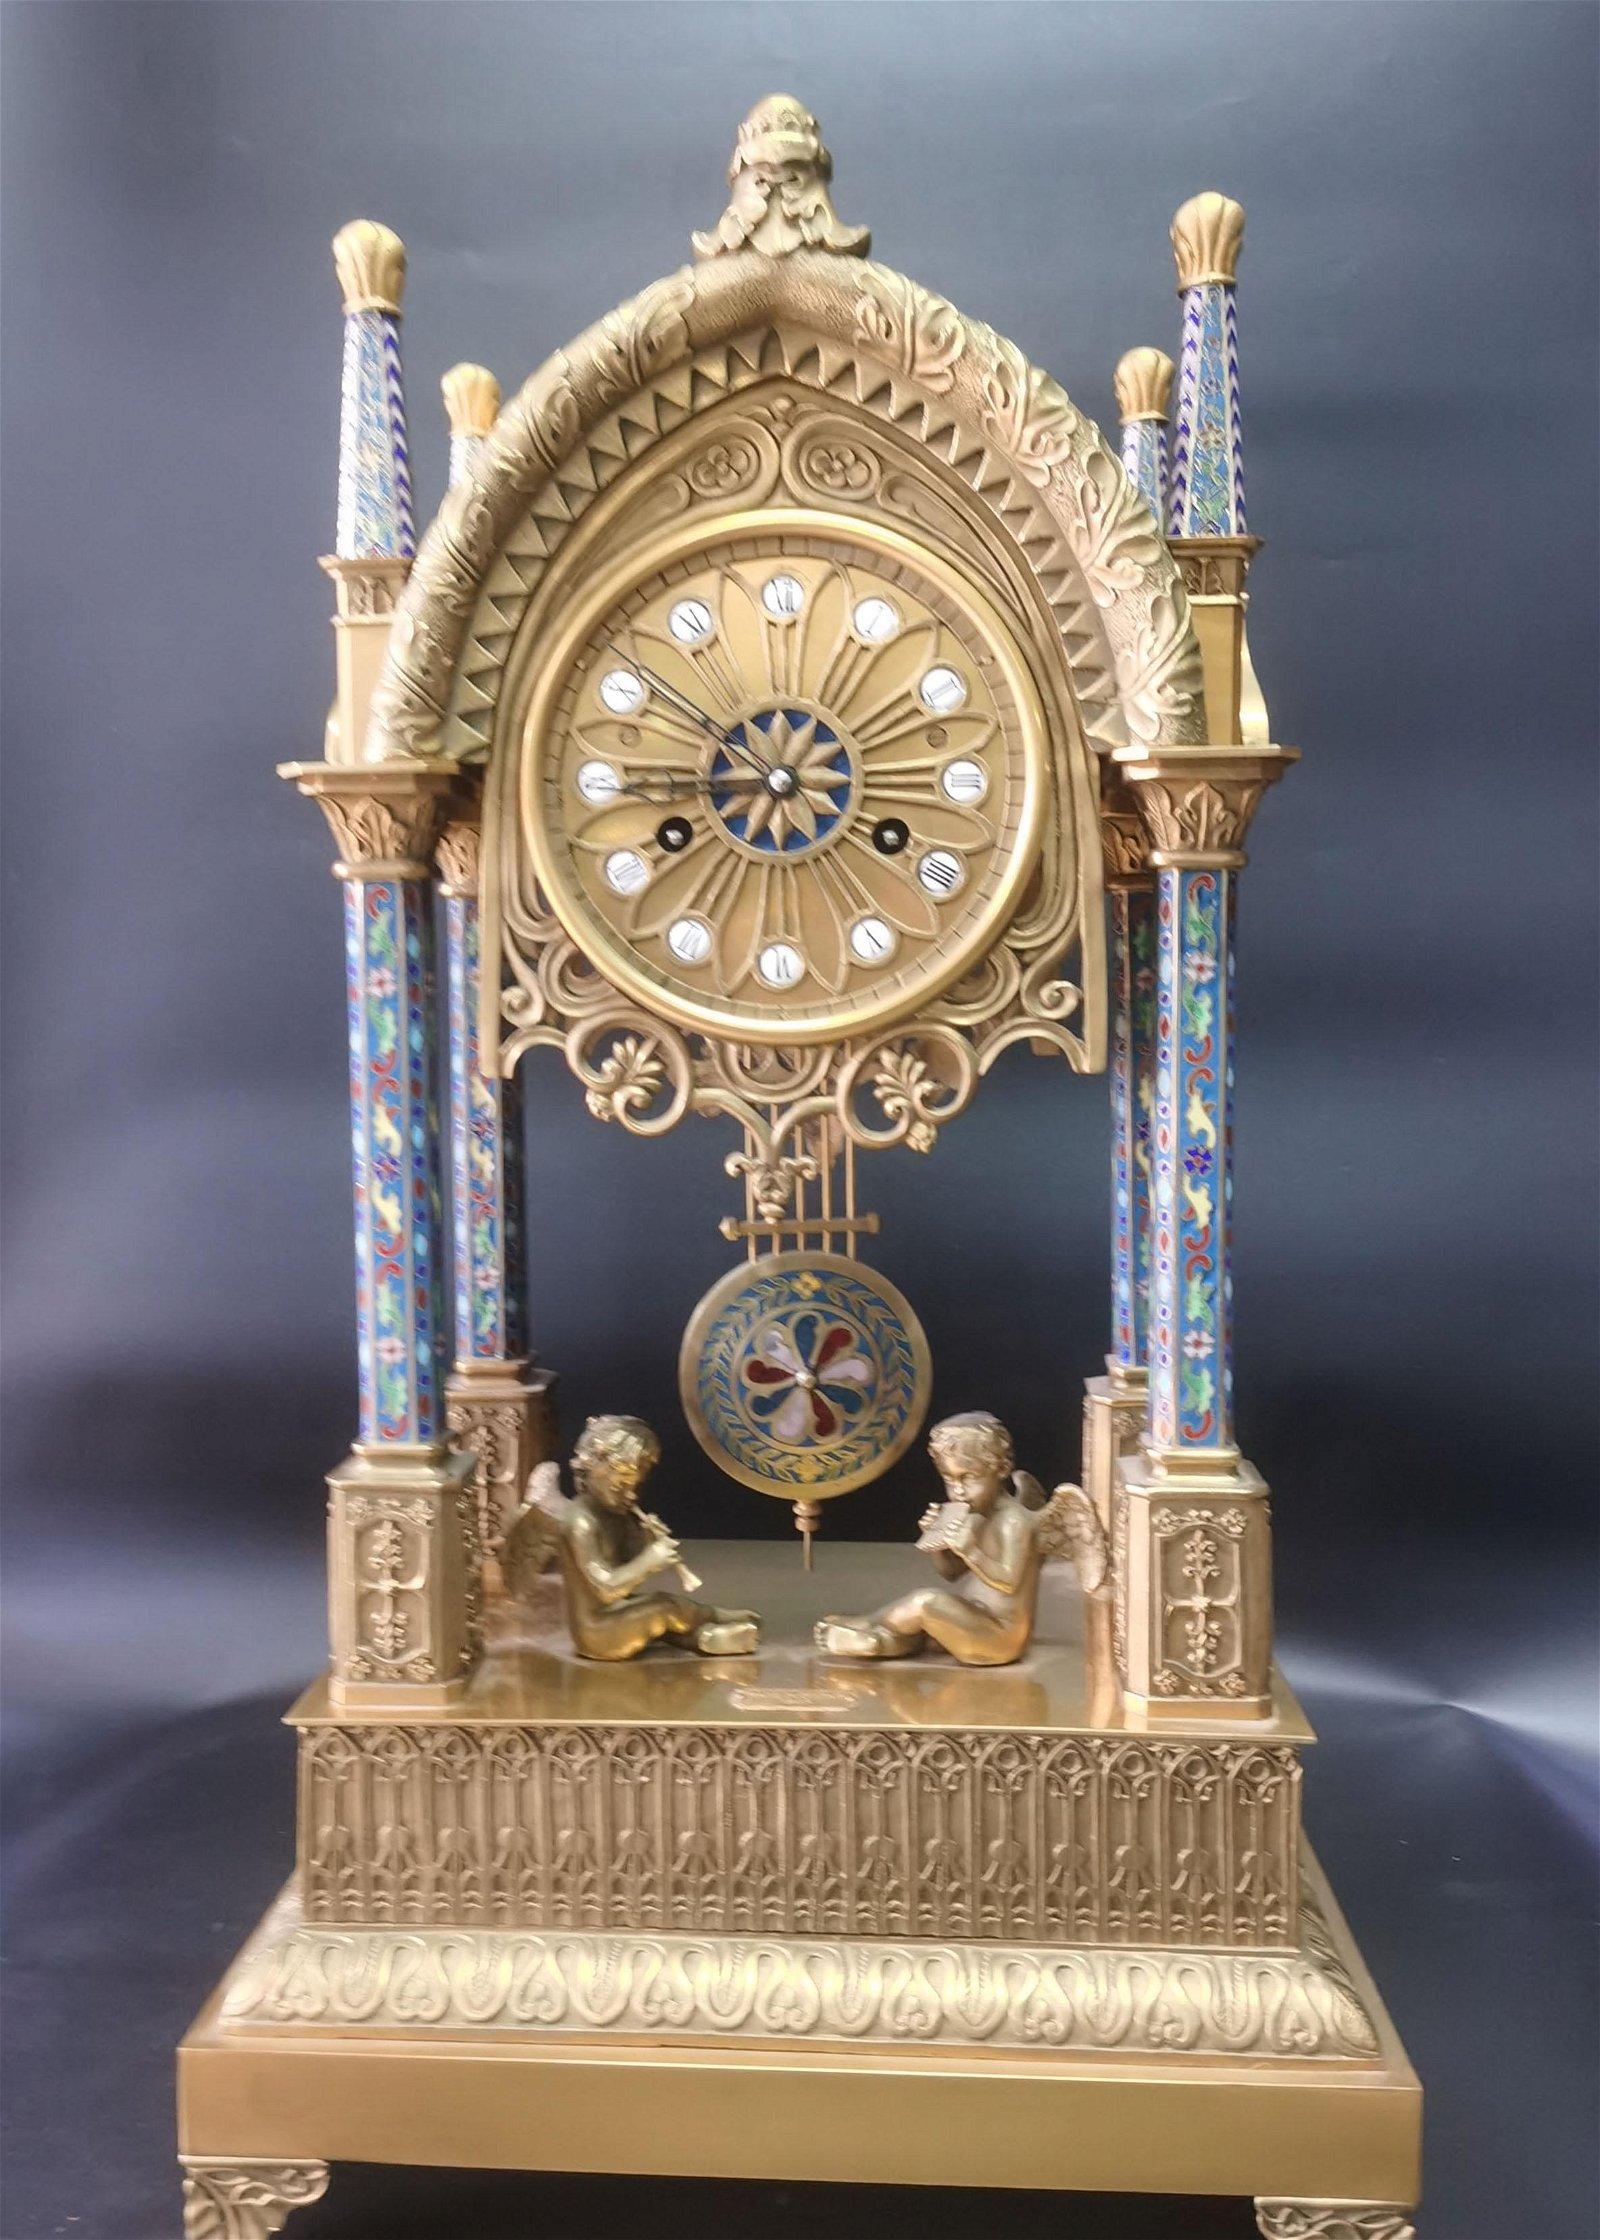 A Bronze Gilt Cloisonne Enamel Clock 18-19th Century